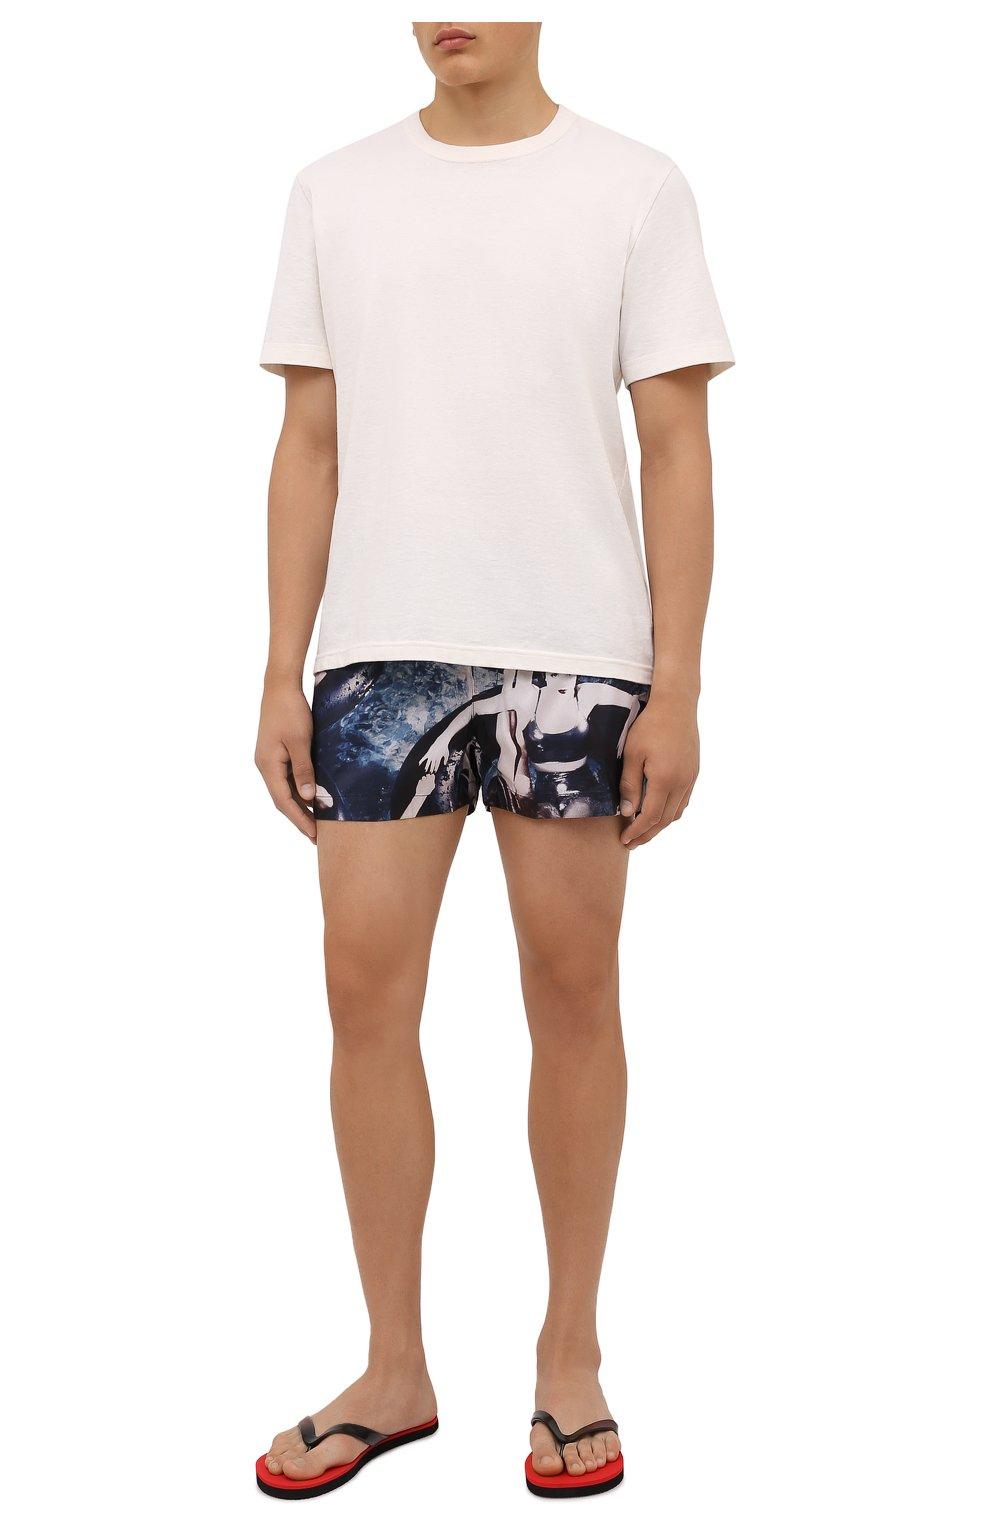 Мужские плавки-шорты LIMITATO синего цвета, арт. SINNERS/SWIMTRUNKS   Фото 2 (Материал внешний: Синтетический материал; Принт: С принтом; Мужское Кросс-КТ: плавки-шорты)